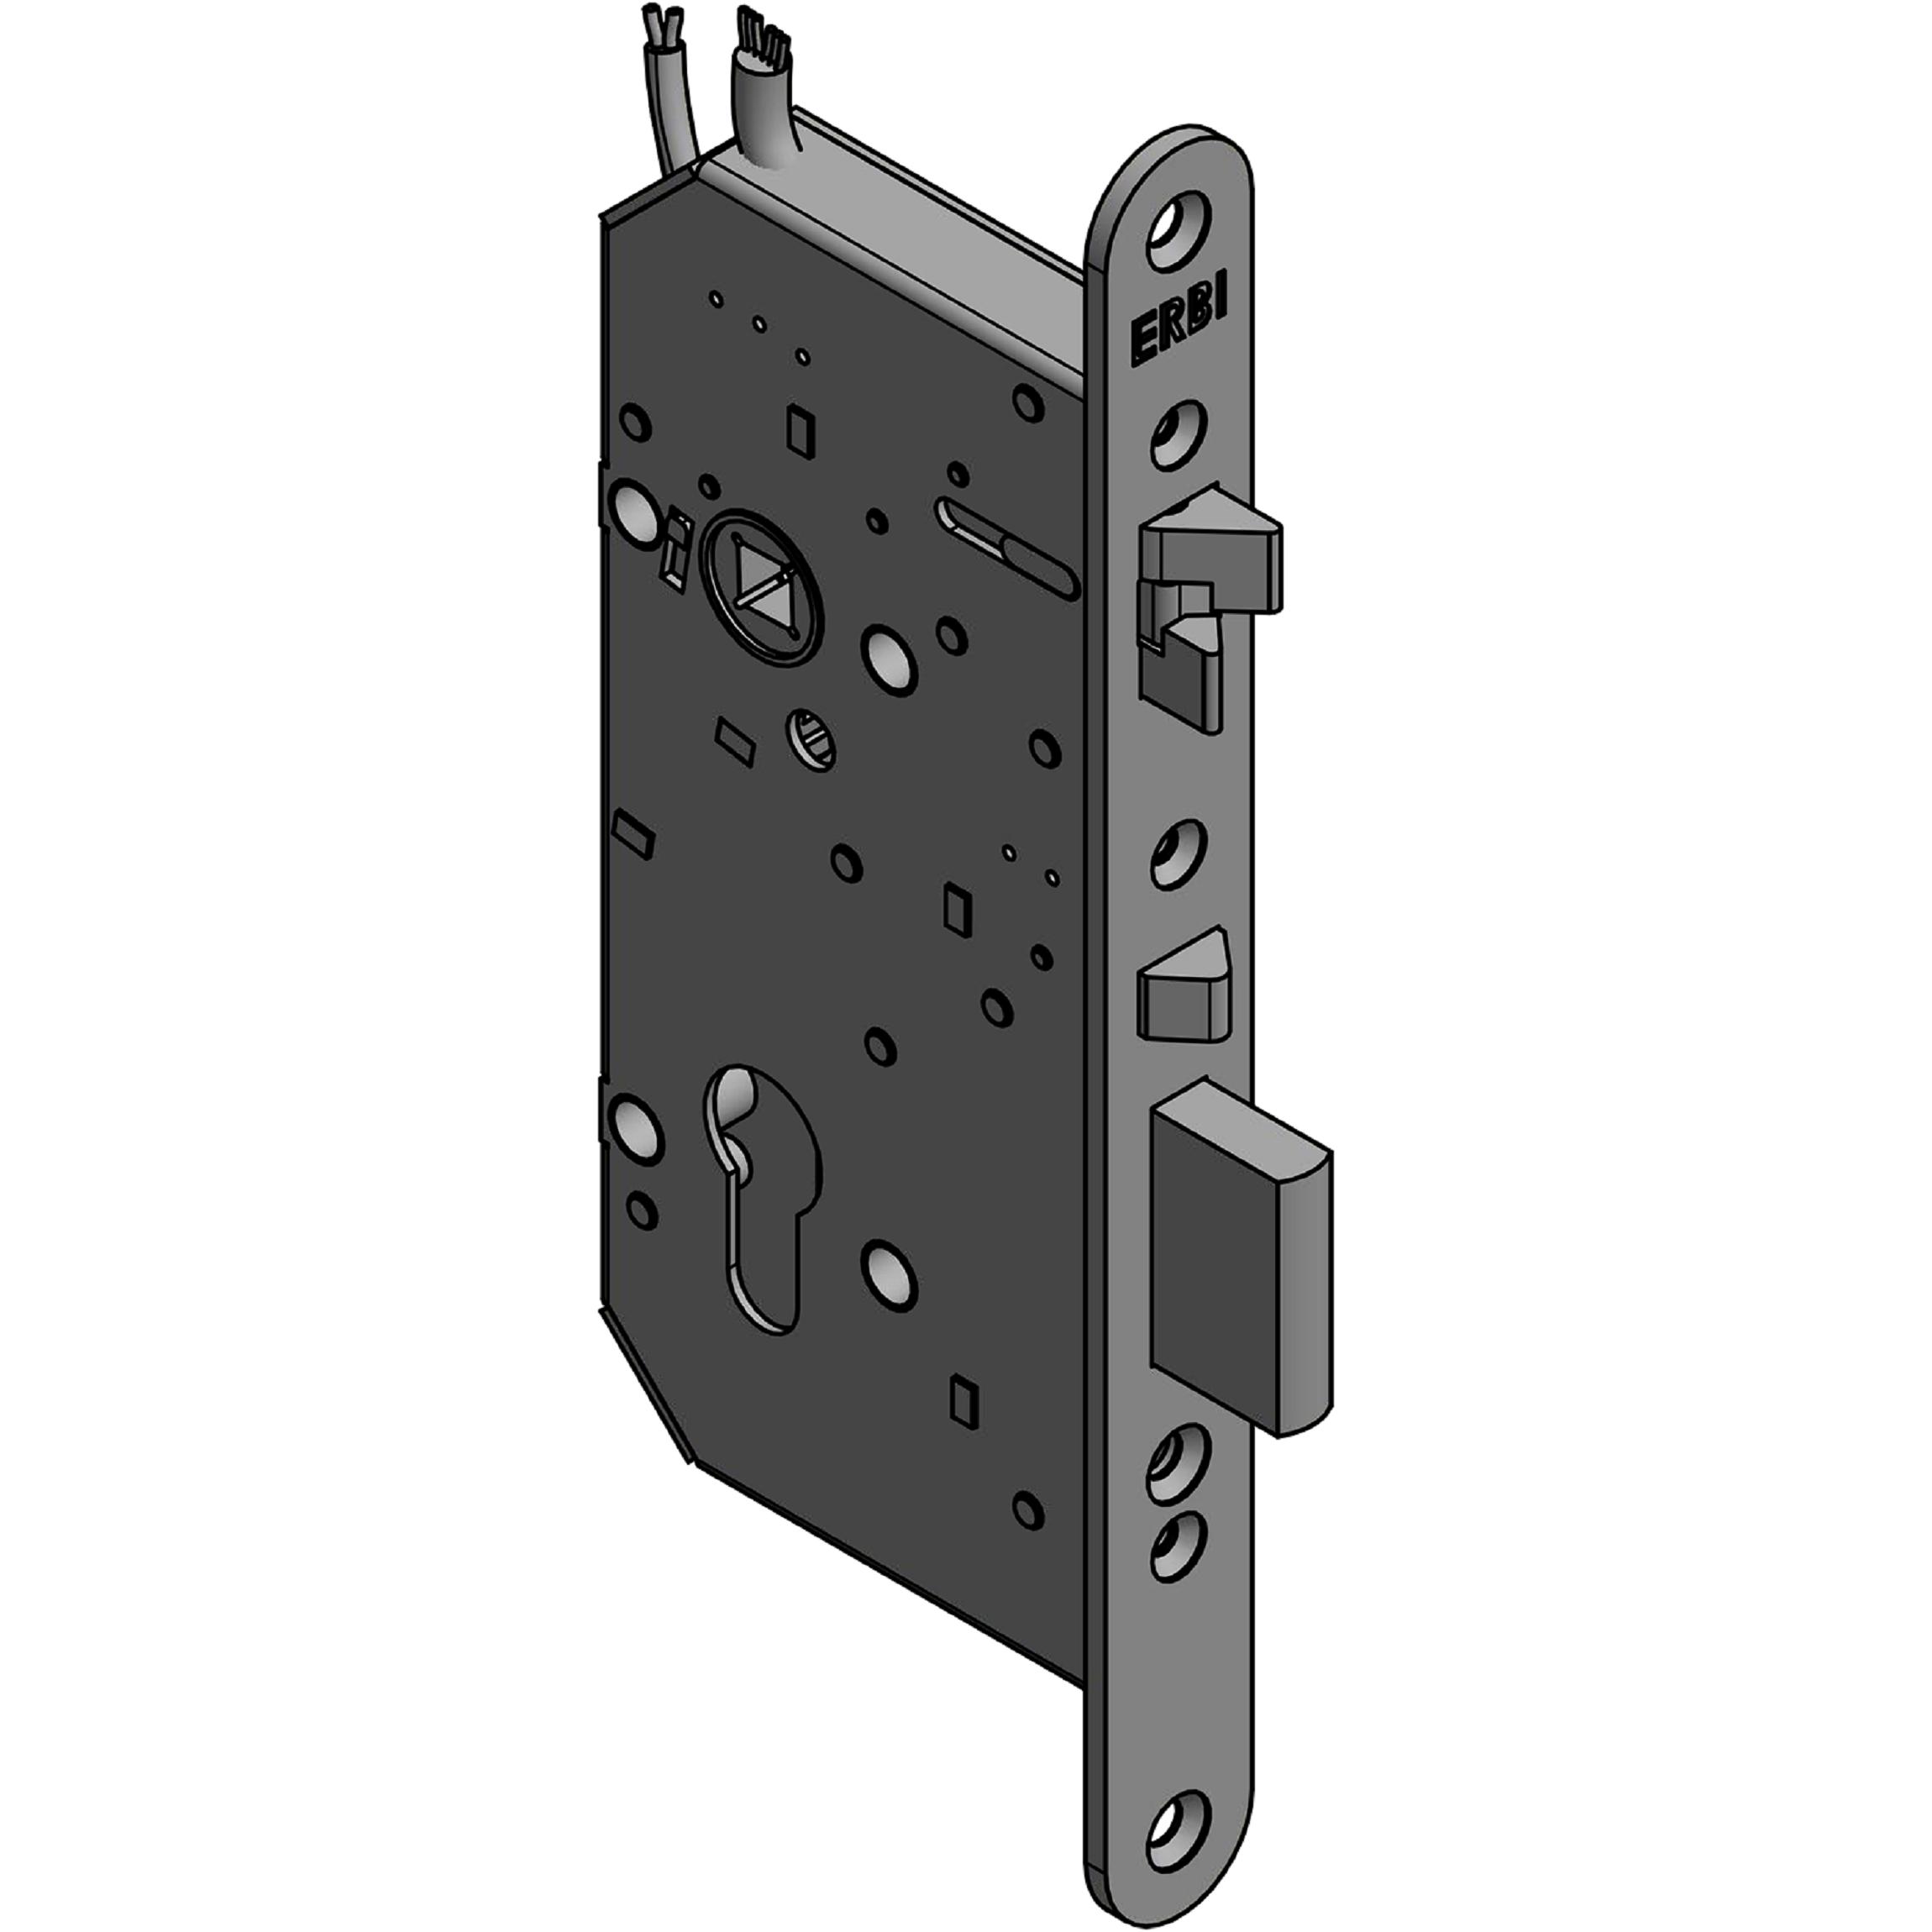 Zadlabací zámek ERBI 72/55 elektromechanický samozamykací